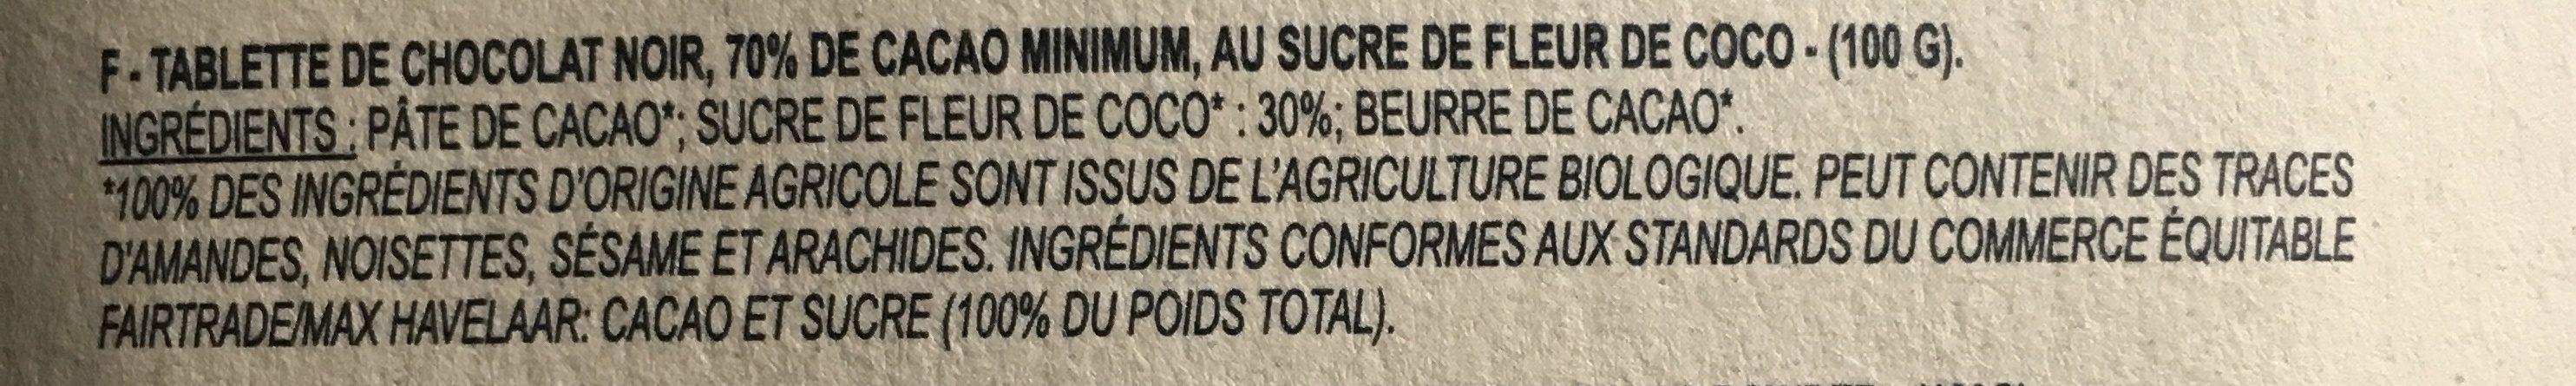 Epicerie / Epicerie Sucrée / Chocolat Bio - Ingredients - fr